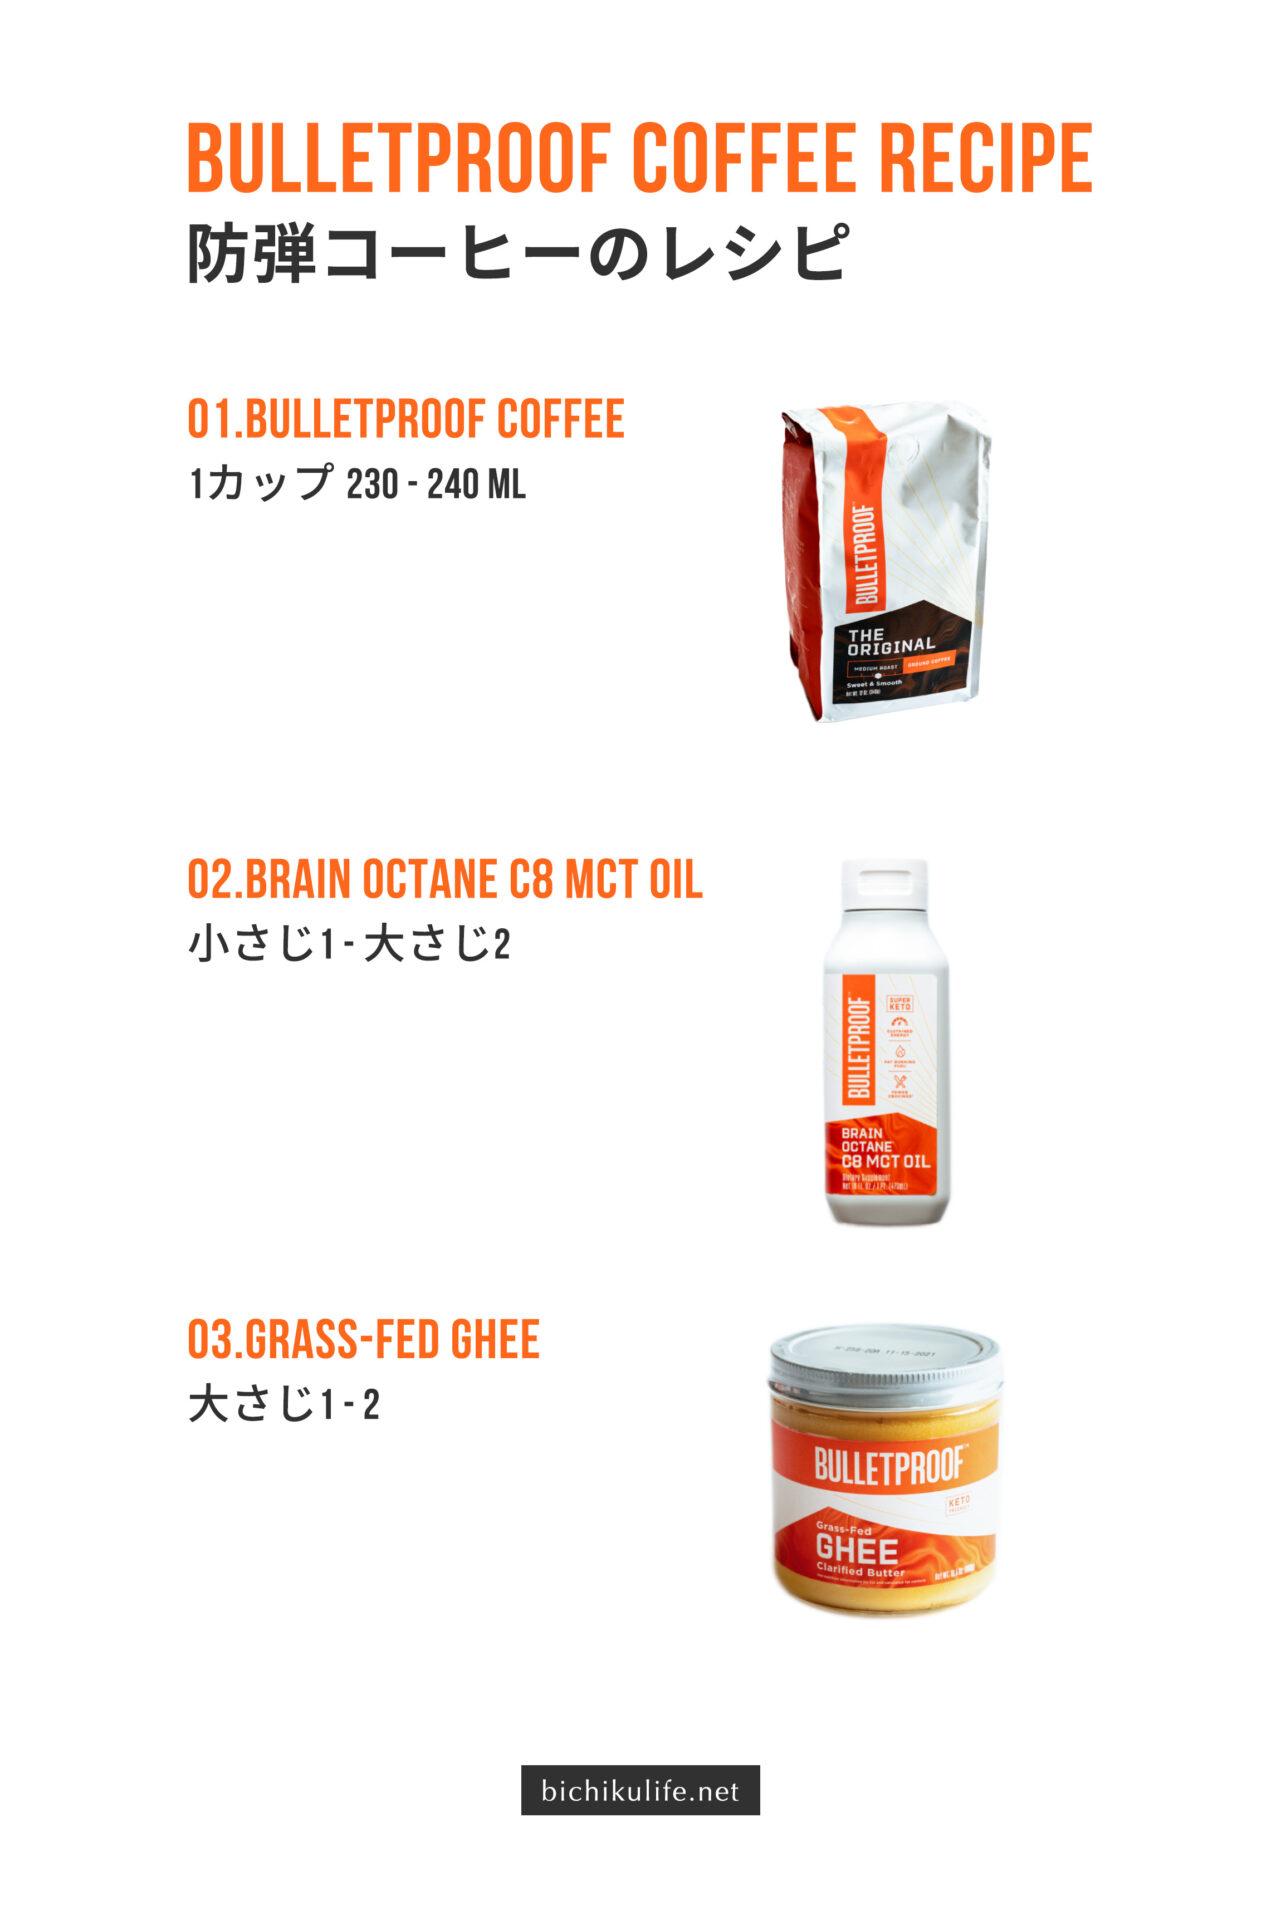 バレットプルーフ 完全無欠コーヒー(防弾コーヒー、バターコーヒー)のレシピ